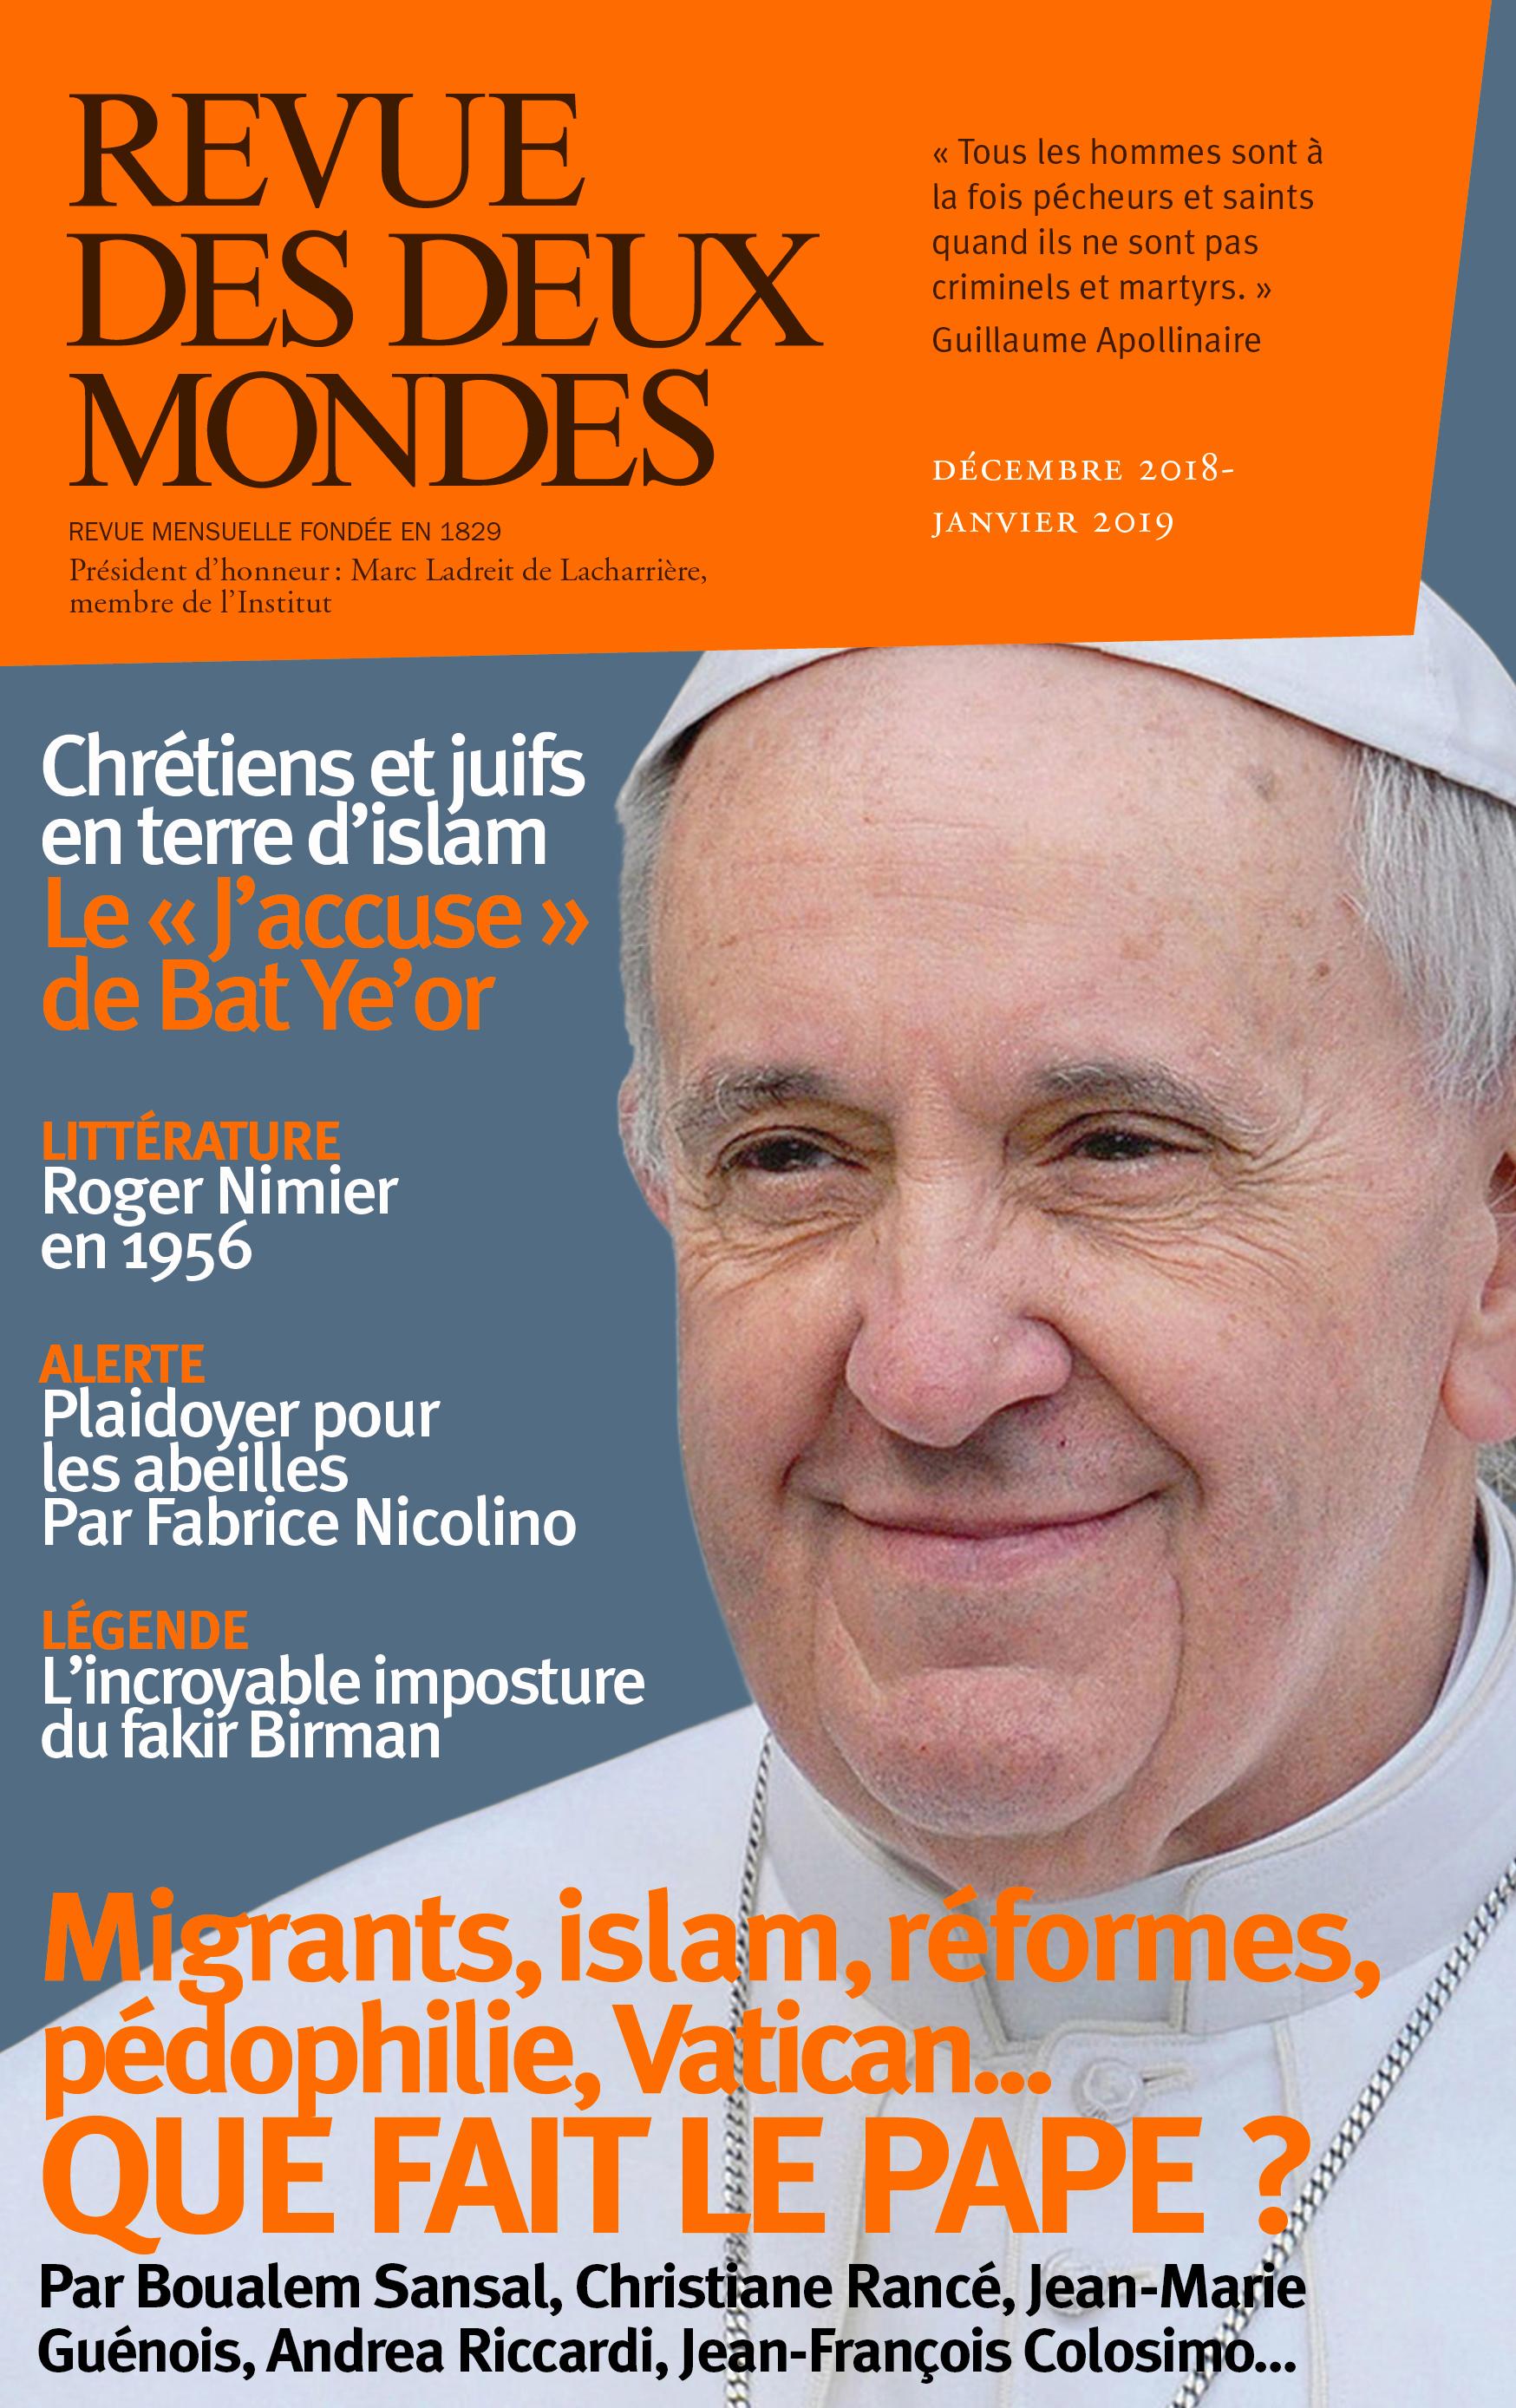 REVUE DES DEUX MONDES DECEMBRE JANVIER 2019